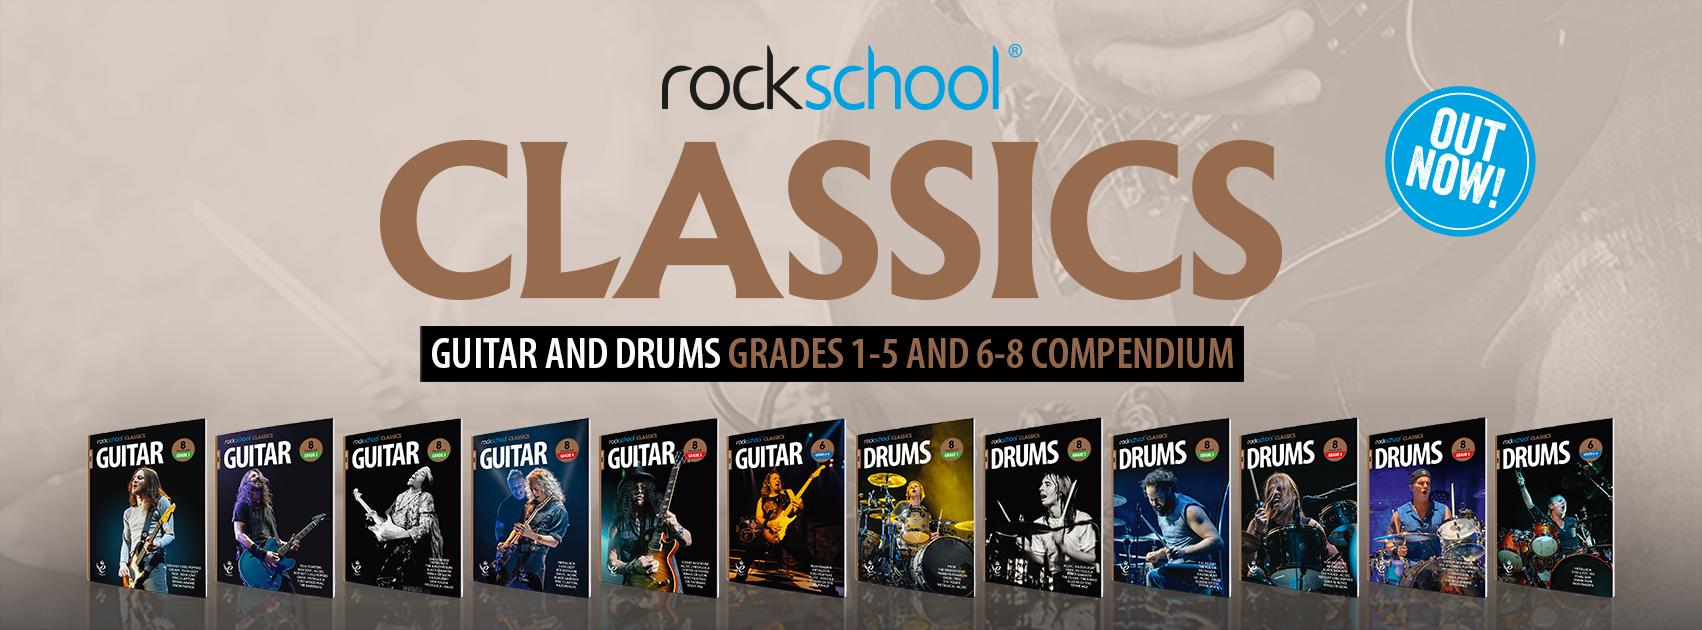 Rockschool Classics